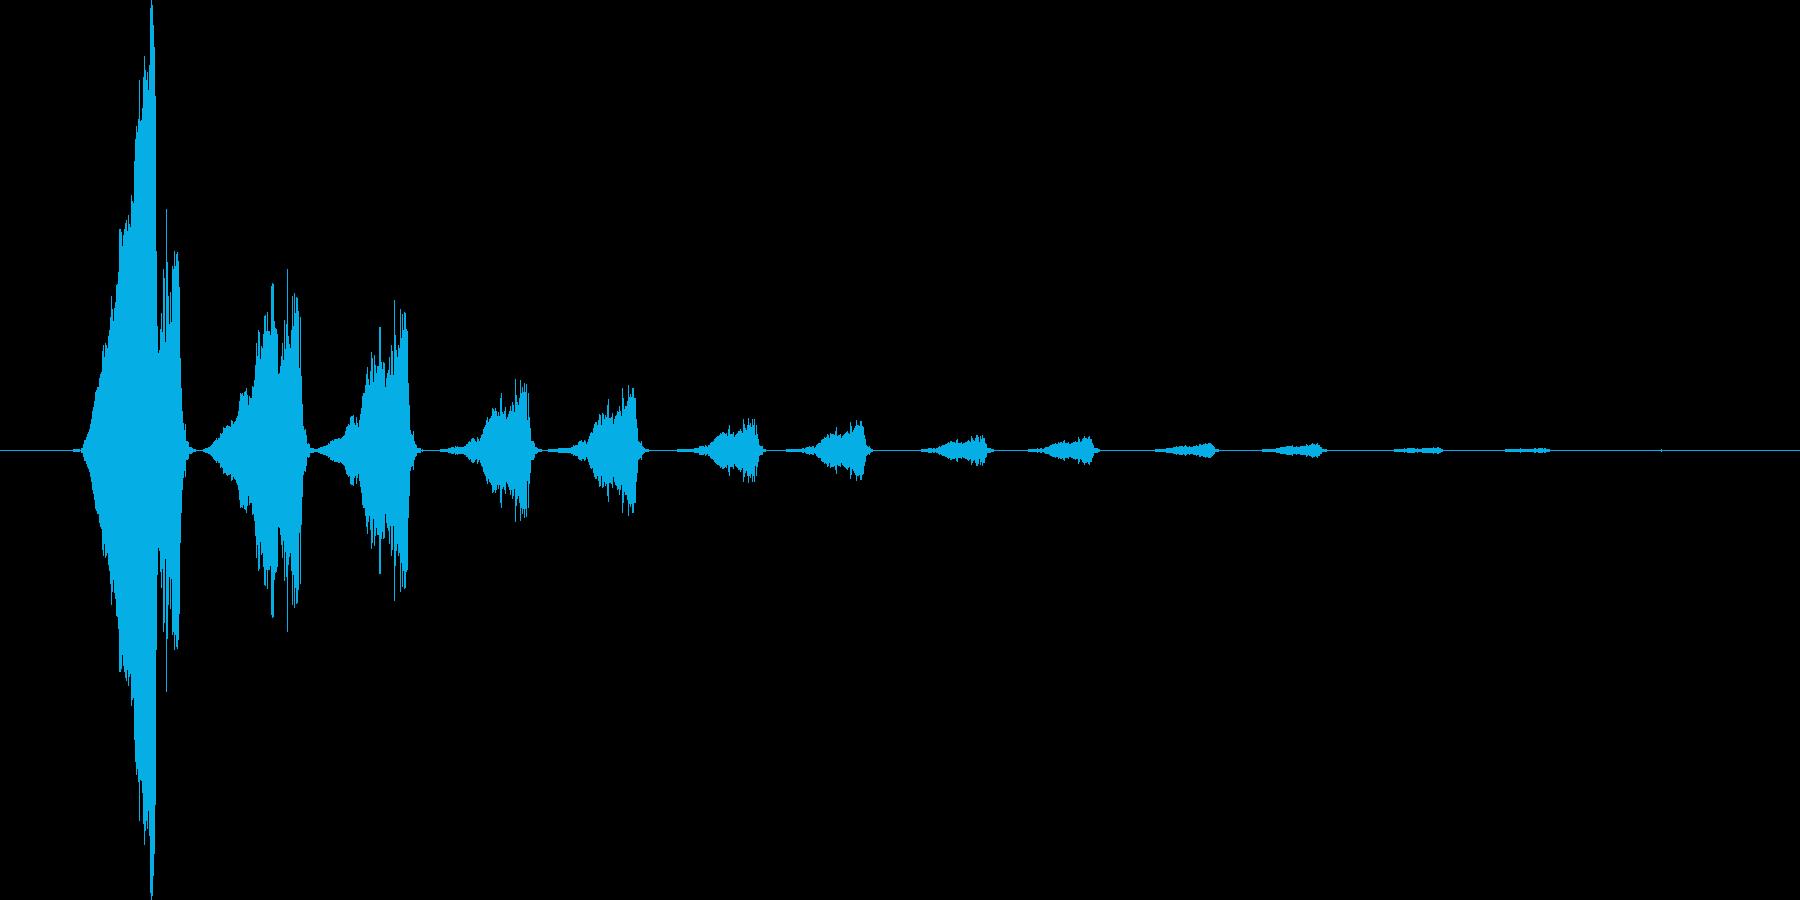 怪しげなタイトル音3の再生済みの波形